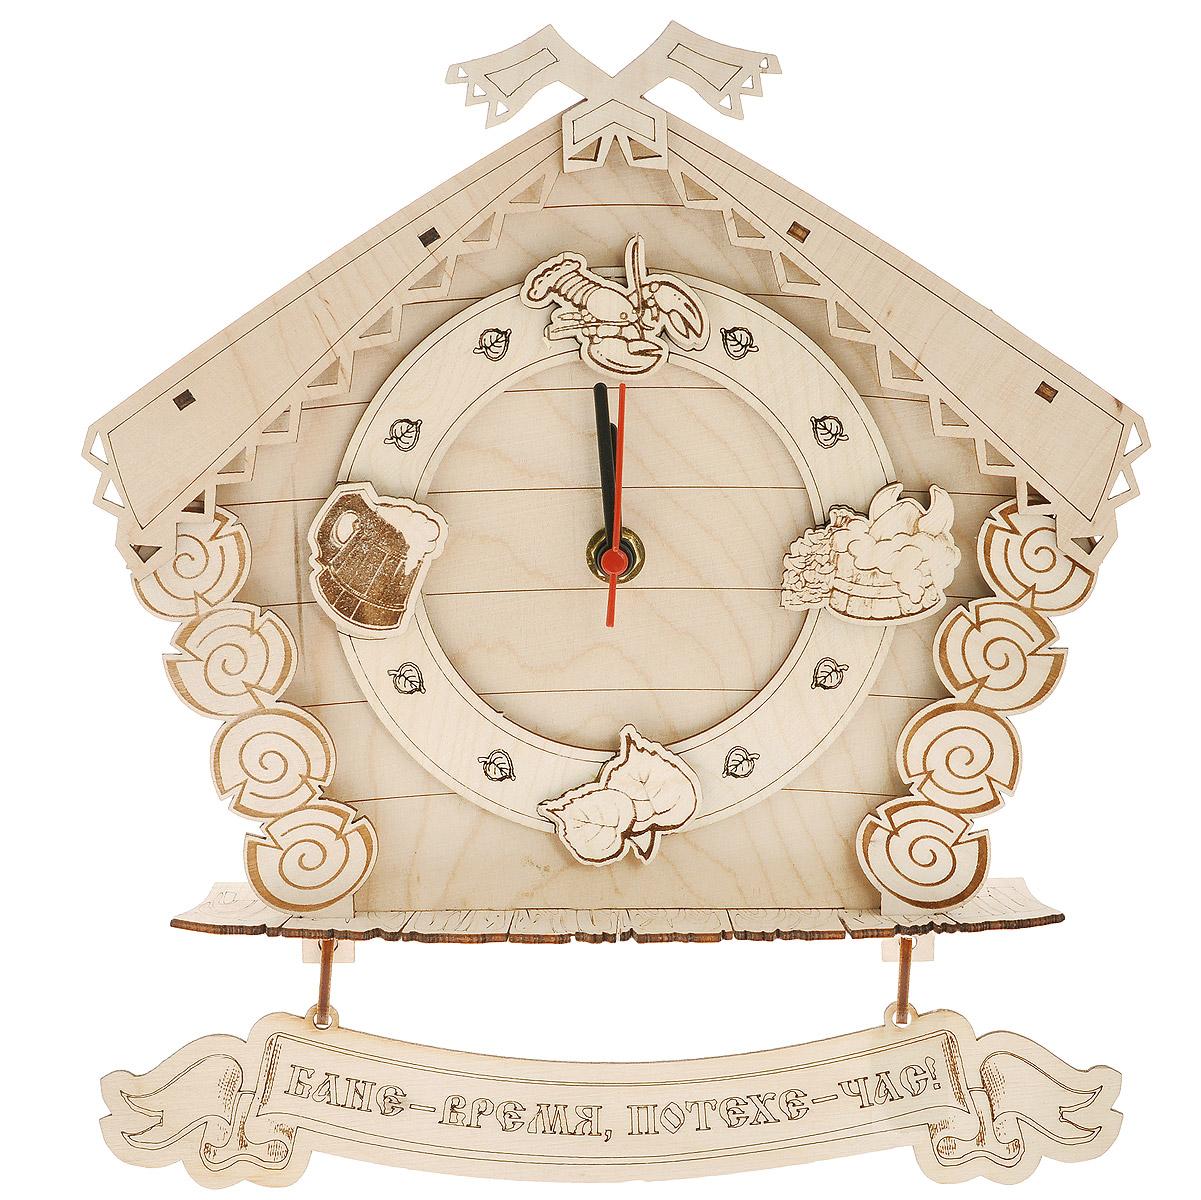 Часы настенные Доктор баня Домик для бани и сауны300074_ежевикаНастенные часы Доктор баня, выполненные из дерева в виде домика, своим дизайном подчеркнут оригинальность интерьера вашей бани или сауны. Циферблат оформлен деревянными фигурками рака, пивной кружки, листьев и ушата с веником. Часы имеют три стрелки - часовую, минутную и секундную. К основанию часов крепится табличка с надписью: Бане - время, потехе - час! Такие часы послужат отличным подарком для ценителя стильных и оригинальных вещей. Характеристики:Материал: дерево (береза), пластик. Размер корпуса часов (Ш х Д х В): 25 см х 6 см х 22 см. Диаметр циферблата: 13,5 см. Размер таблички: 24,5 см х 4,5 см. Рекомендуется докупить батарейку типа АА мощностью 1,5V (в комплект не входит).